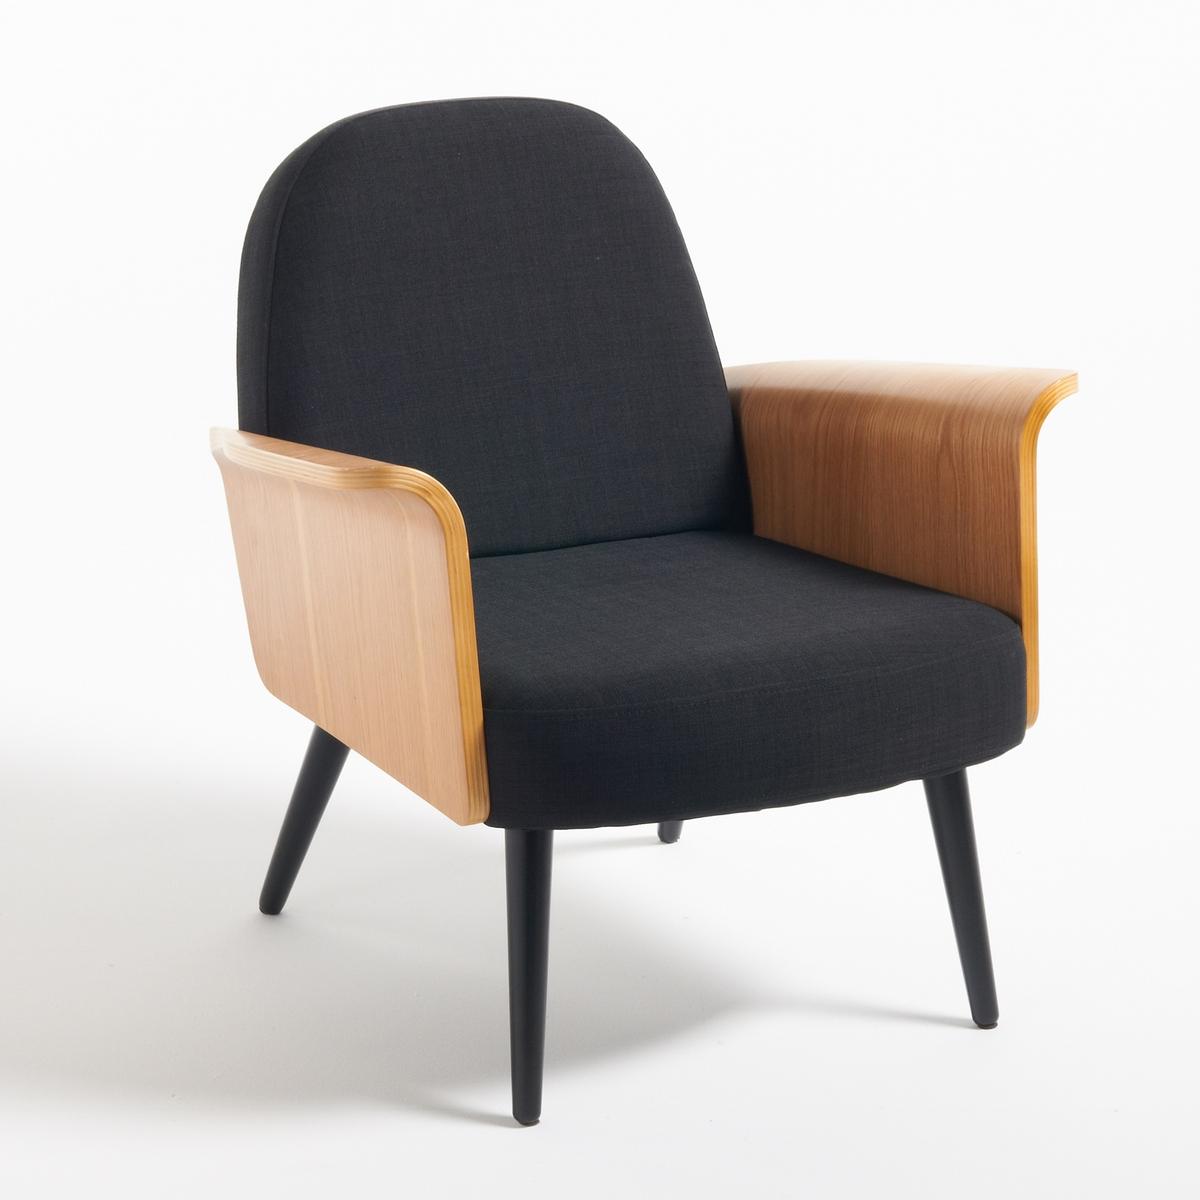 Кресло с деревянными подлокотниками, Biface